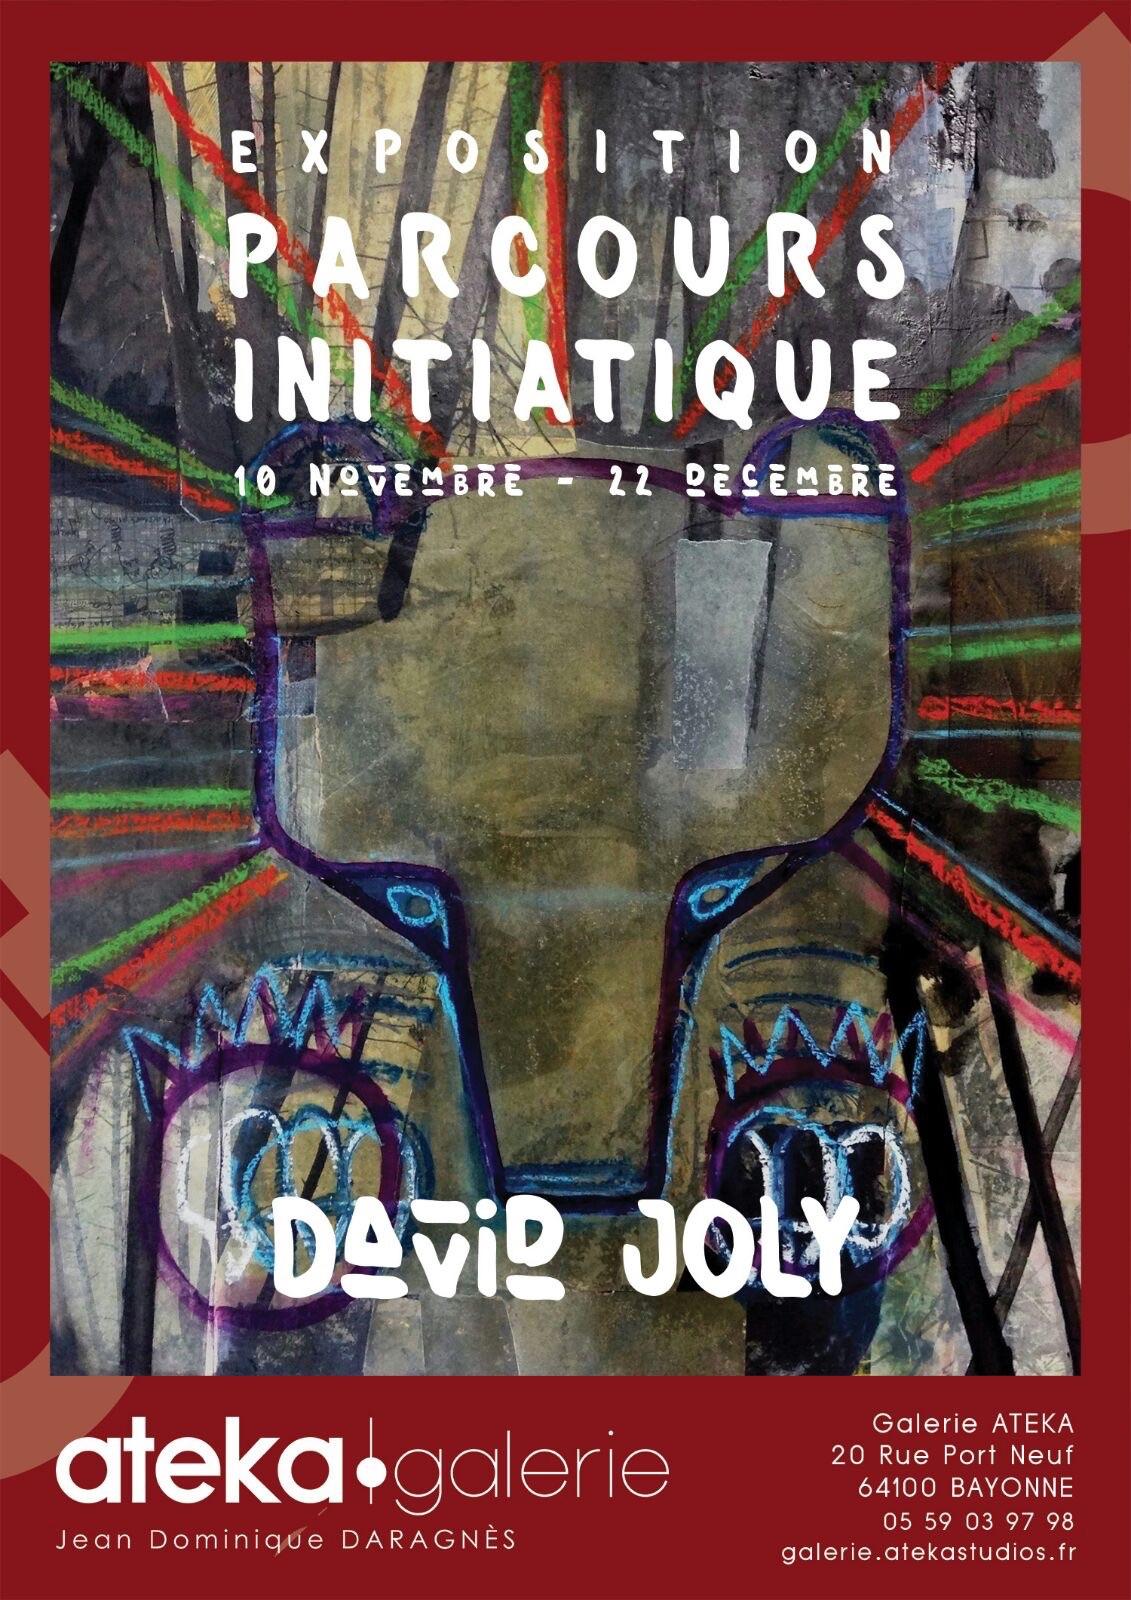 Affiche Exposition Ateka - Parcours initiatique - David Joly